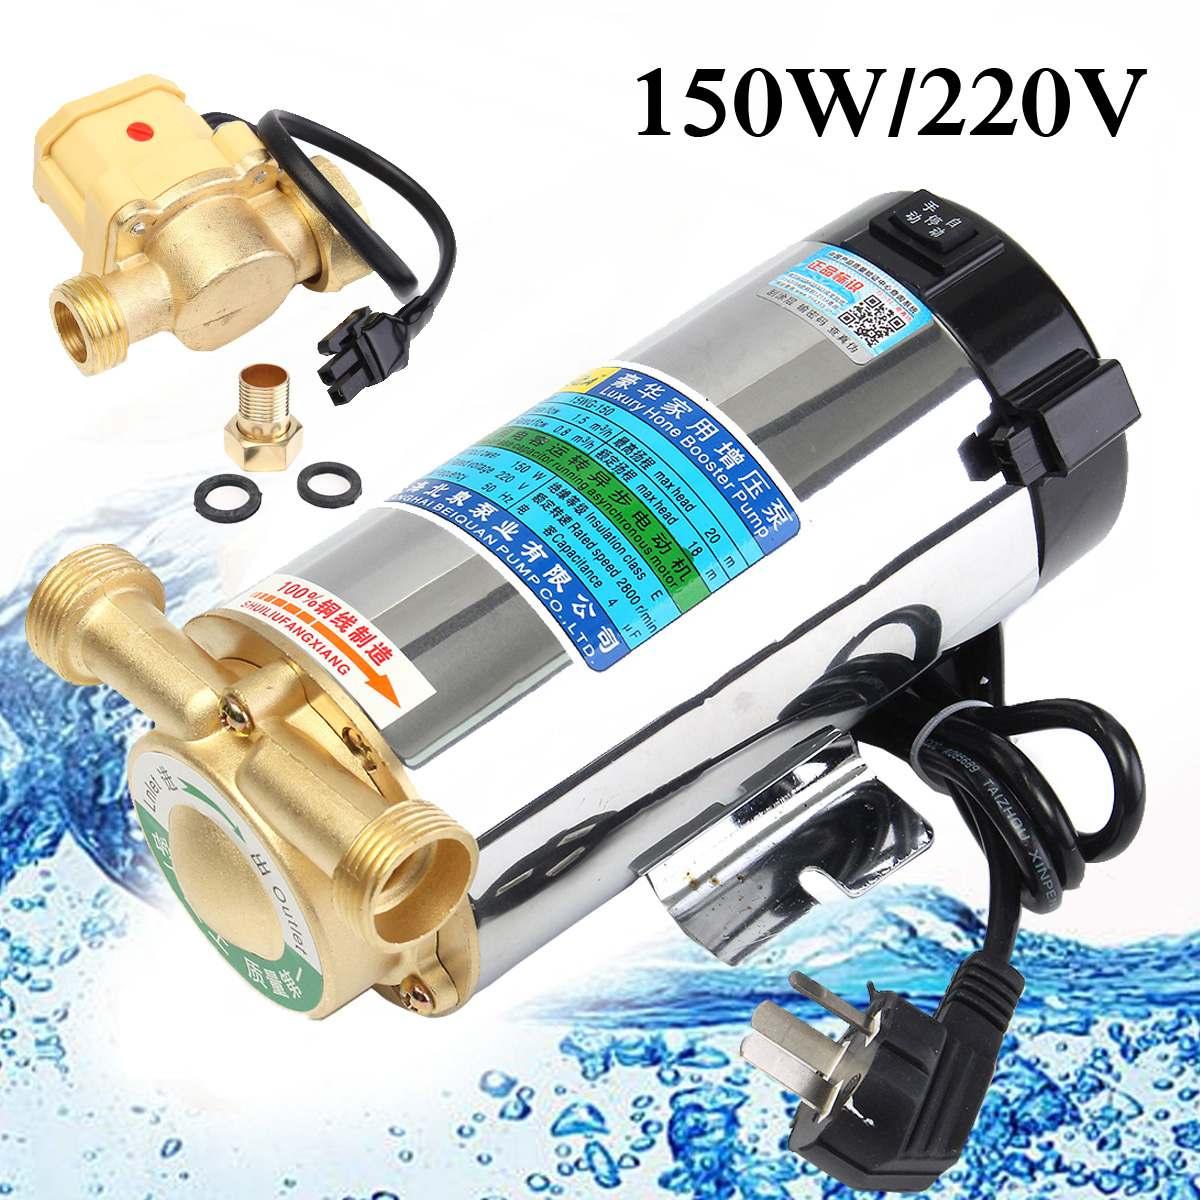 Mini pompe de Pipeline 150 W pompe de suralimentation automatique 220 V/50 HZ pompe de pression électrique pompe de suralimentation pour chauffe-eau